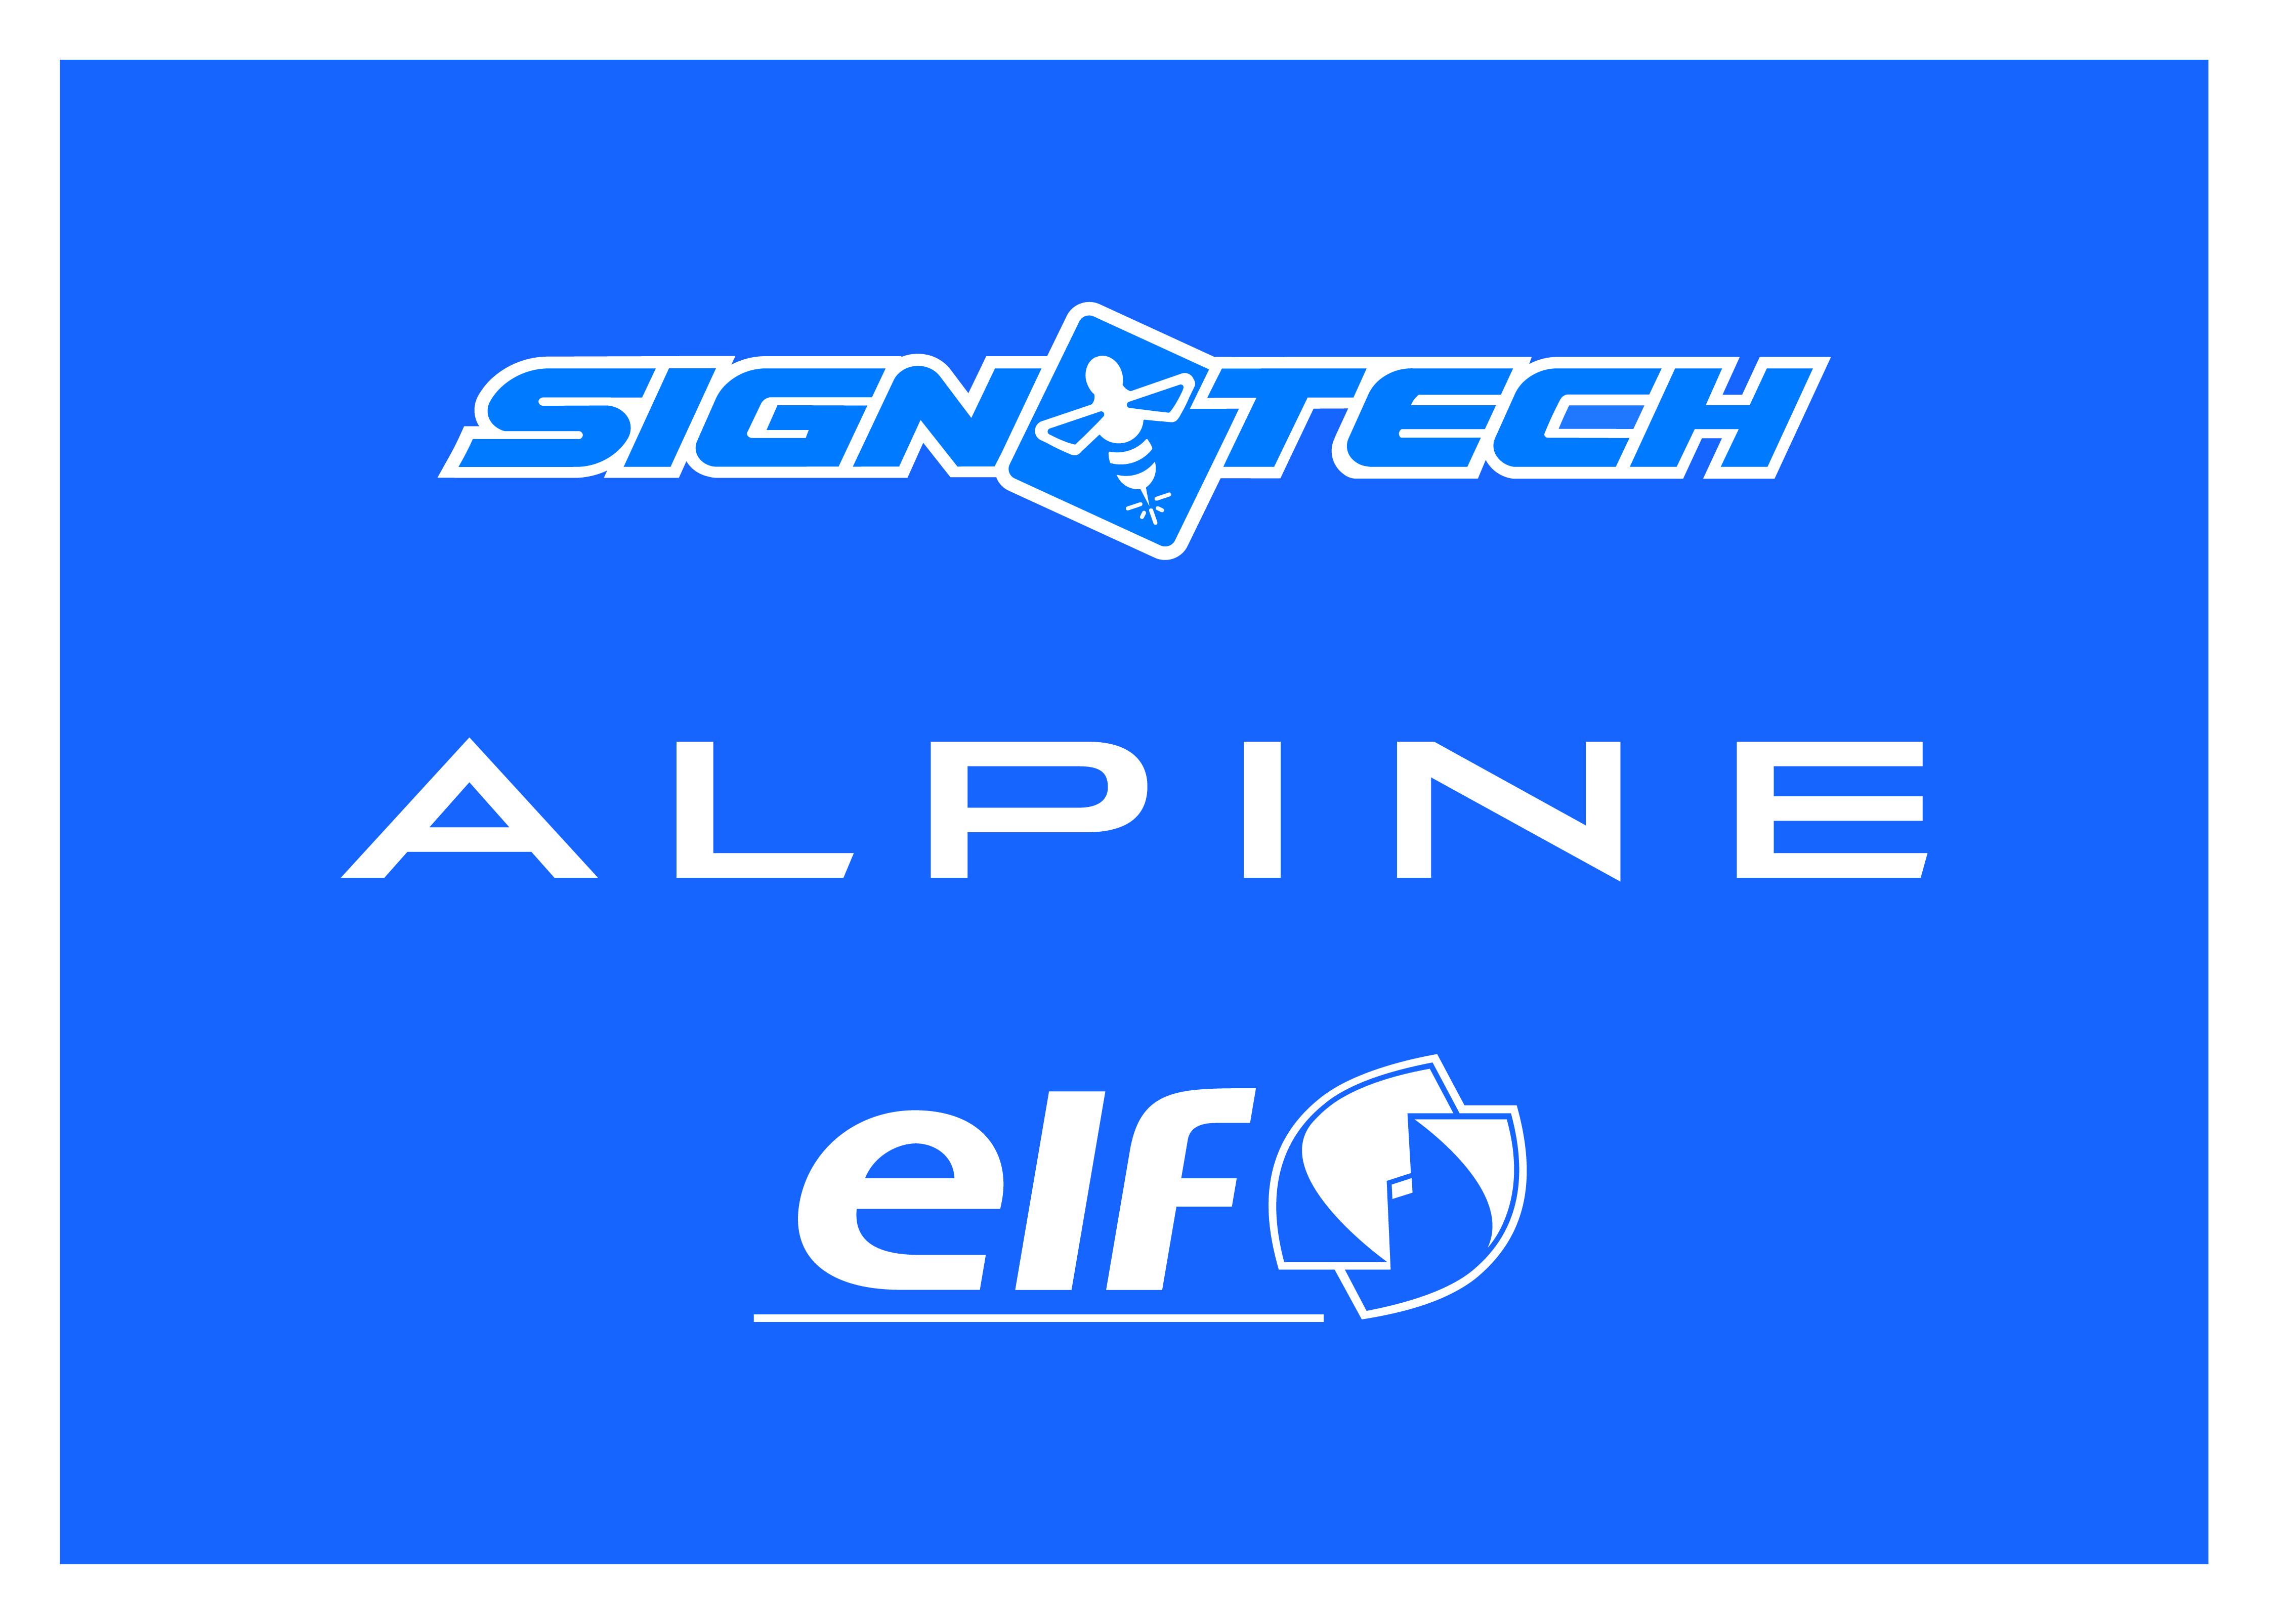 SIGNATECH ALPINE ELF